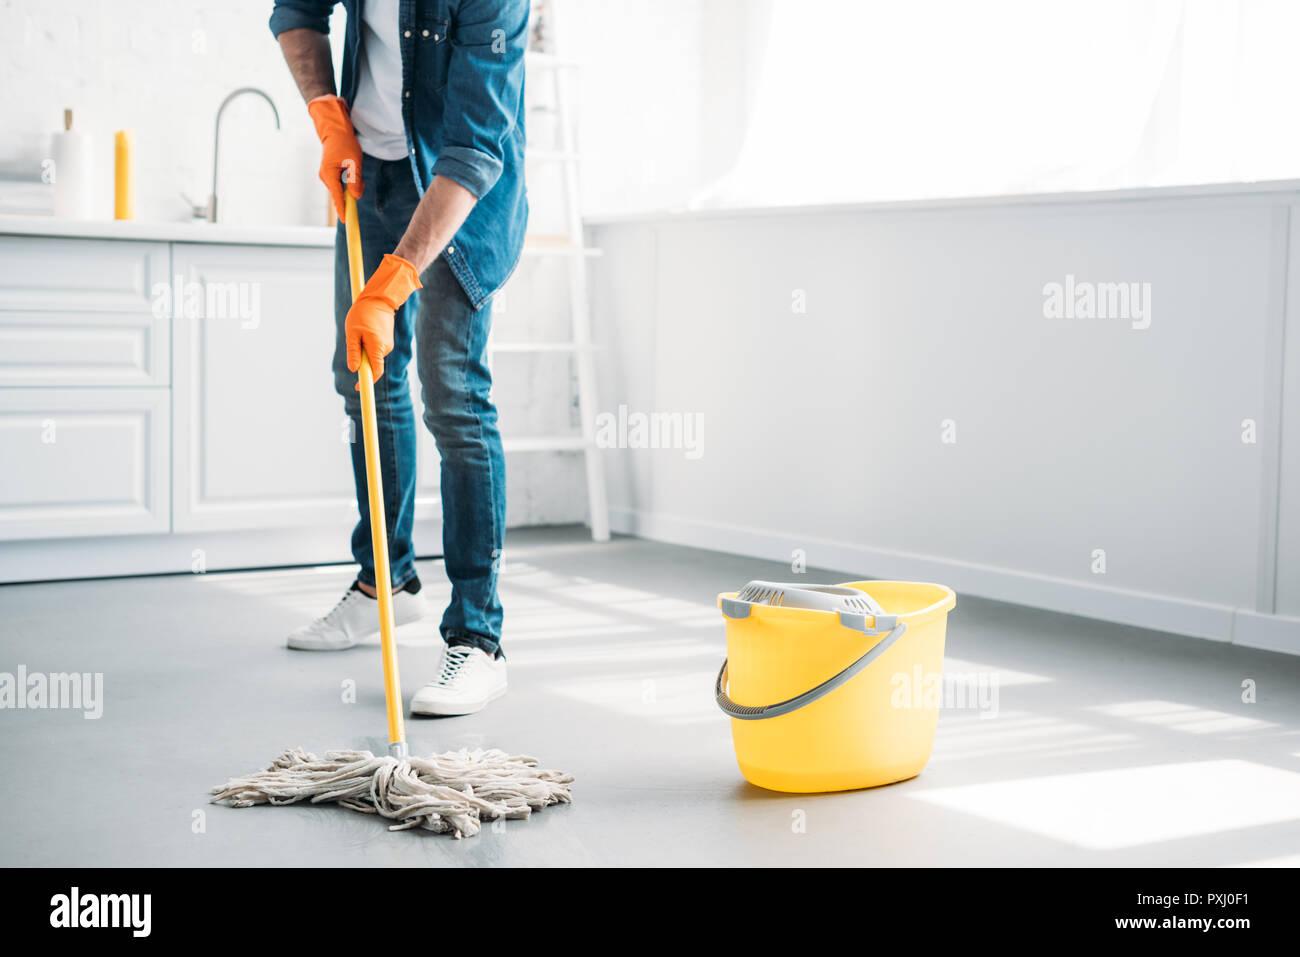 Fußboden Reinigen ~ Zugeschnittenes bild des menschen reinigung fußboden in küche mit